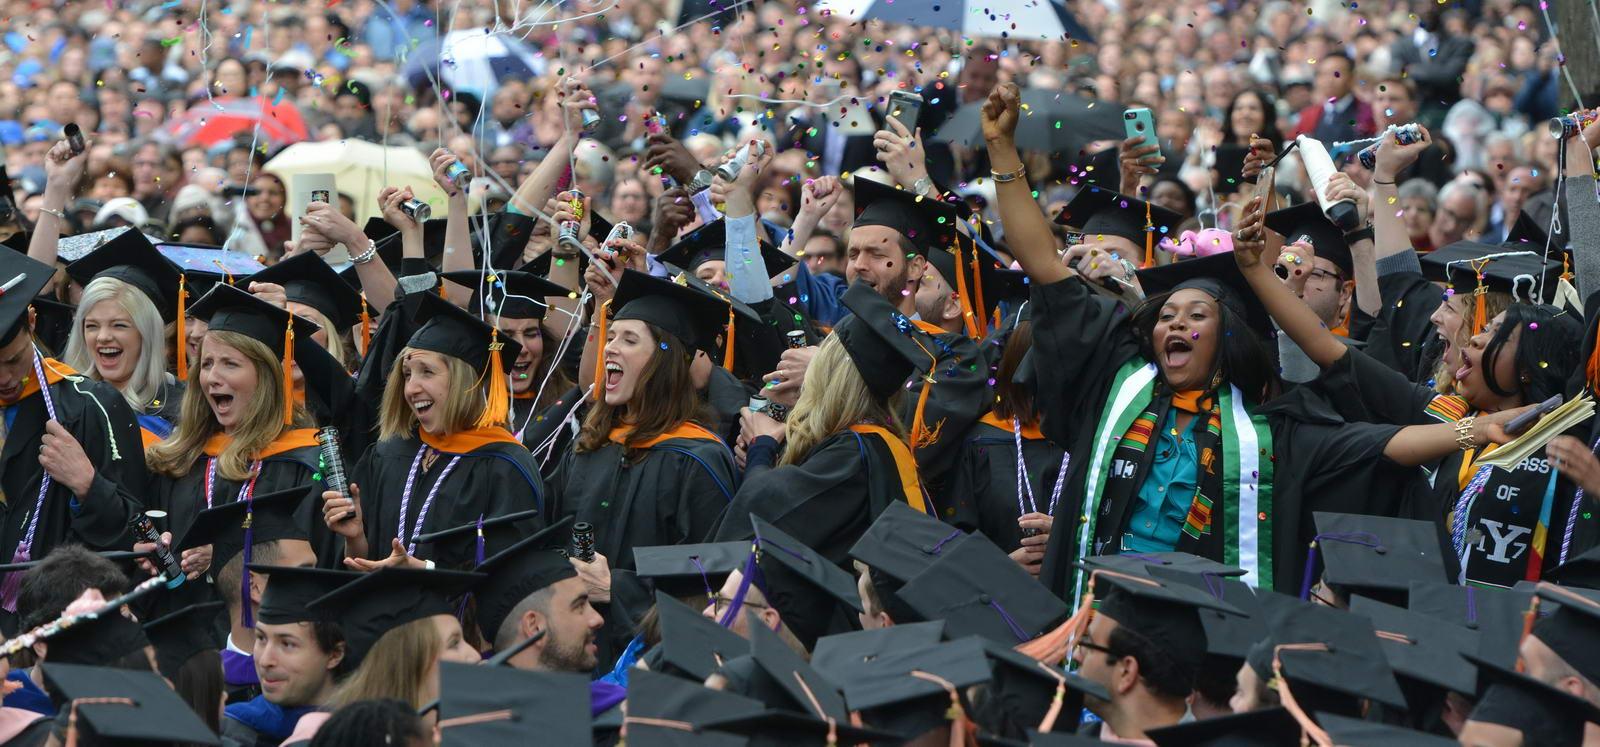 hc-education-conseil-admission-grandes-universites-americaines-d-05